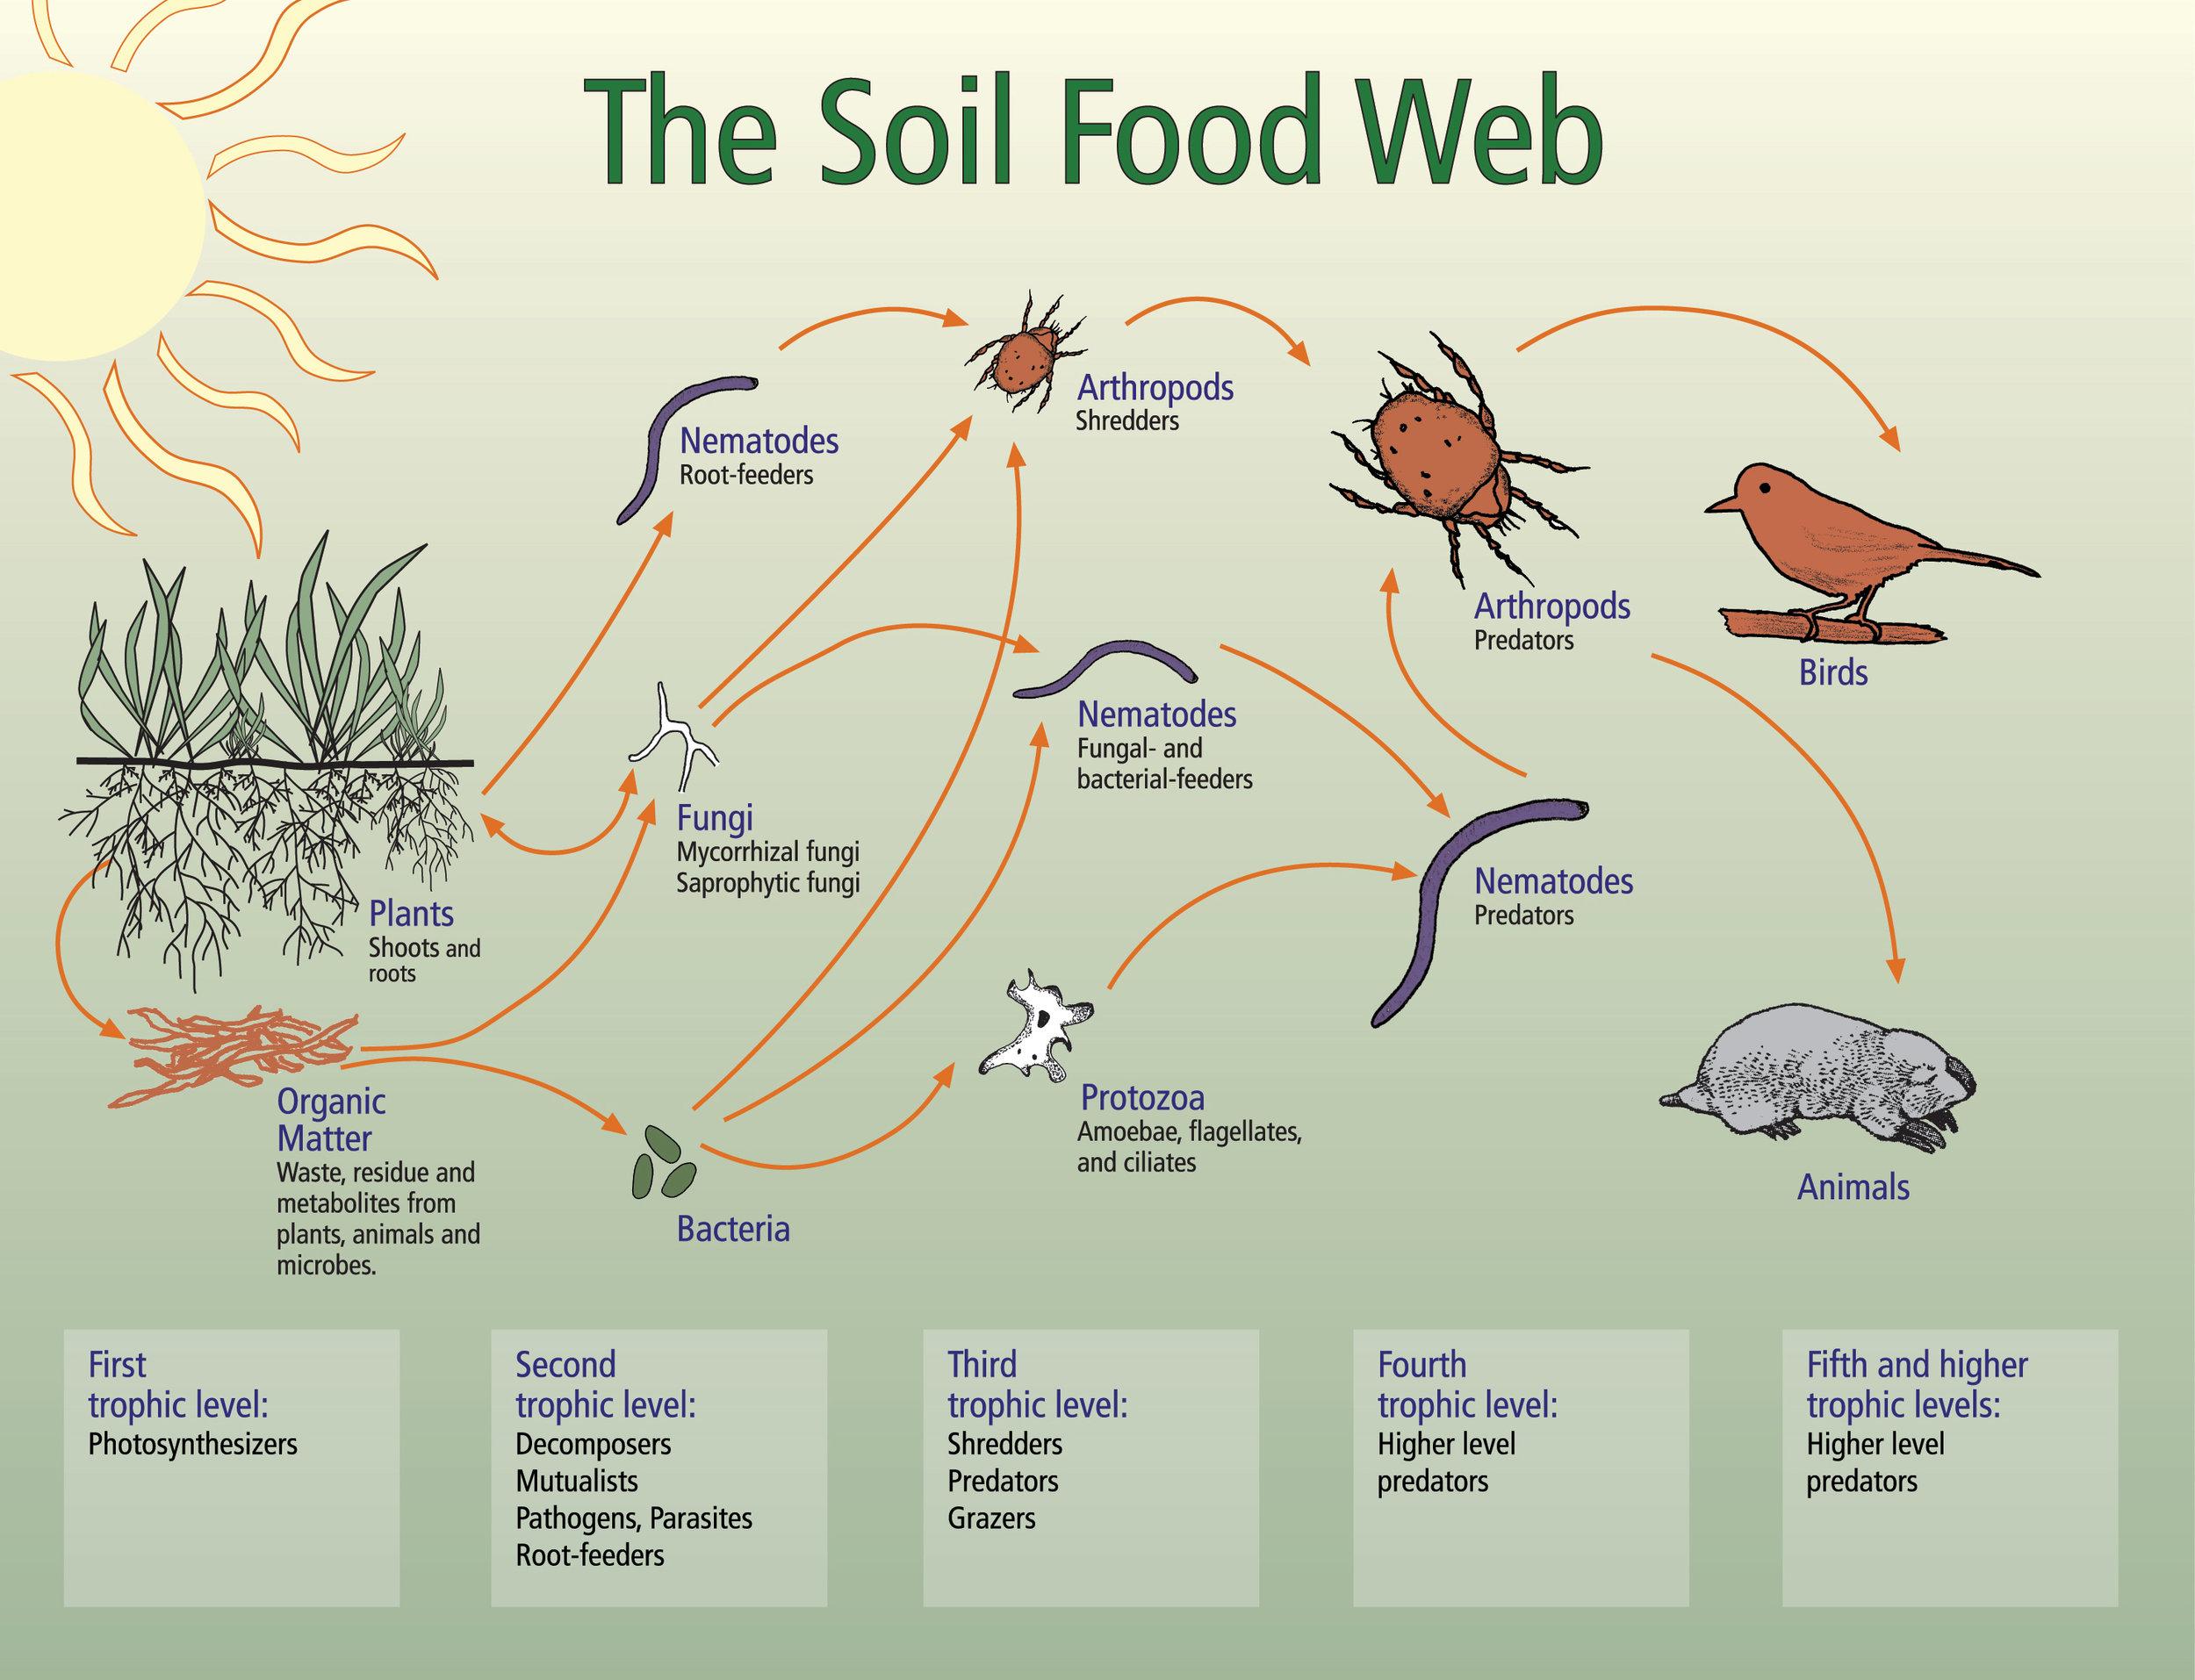 soilFoodWebchart.jpg